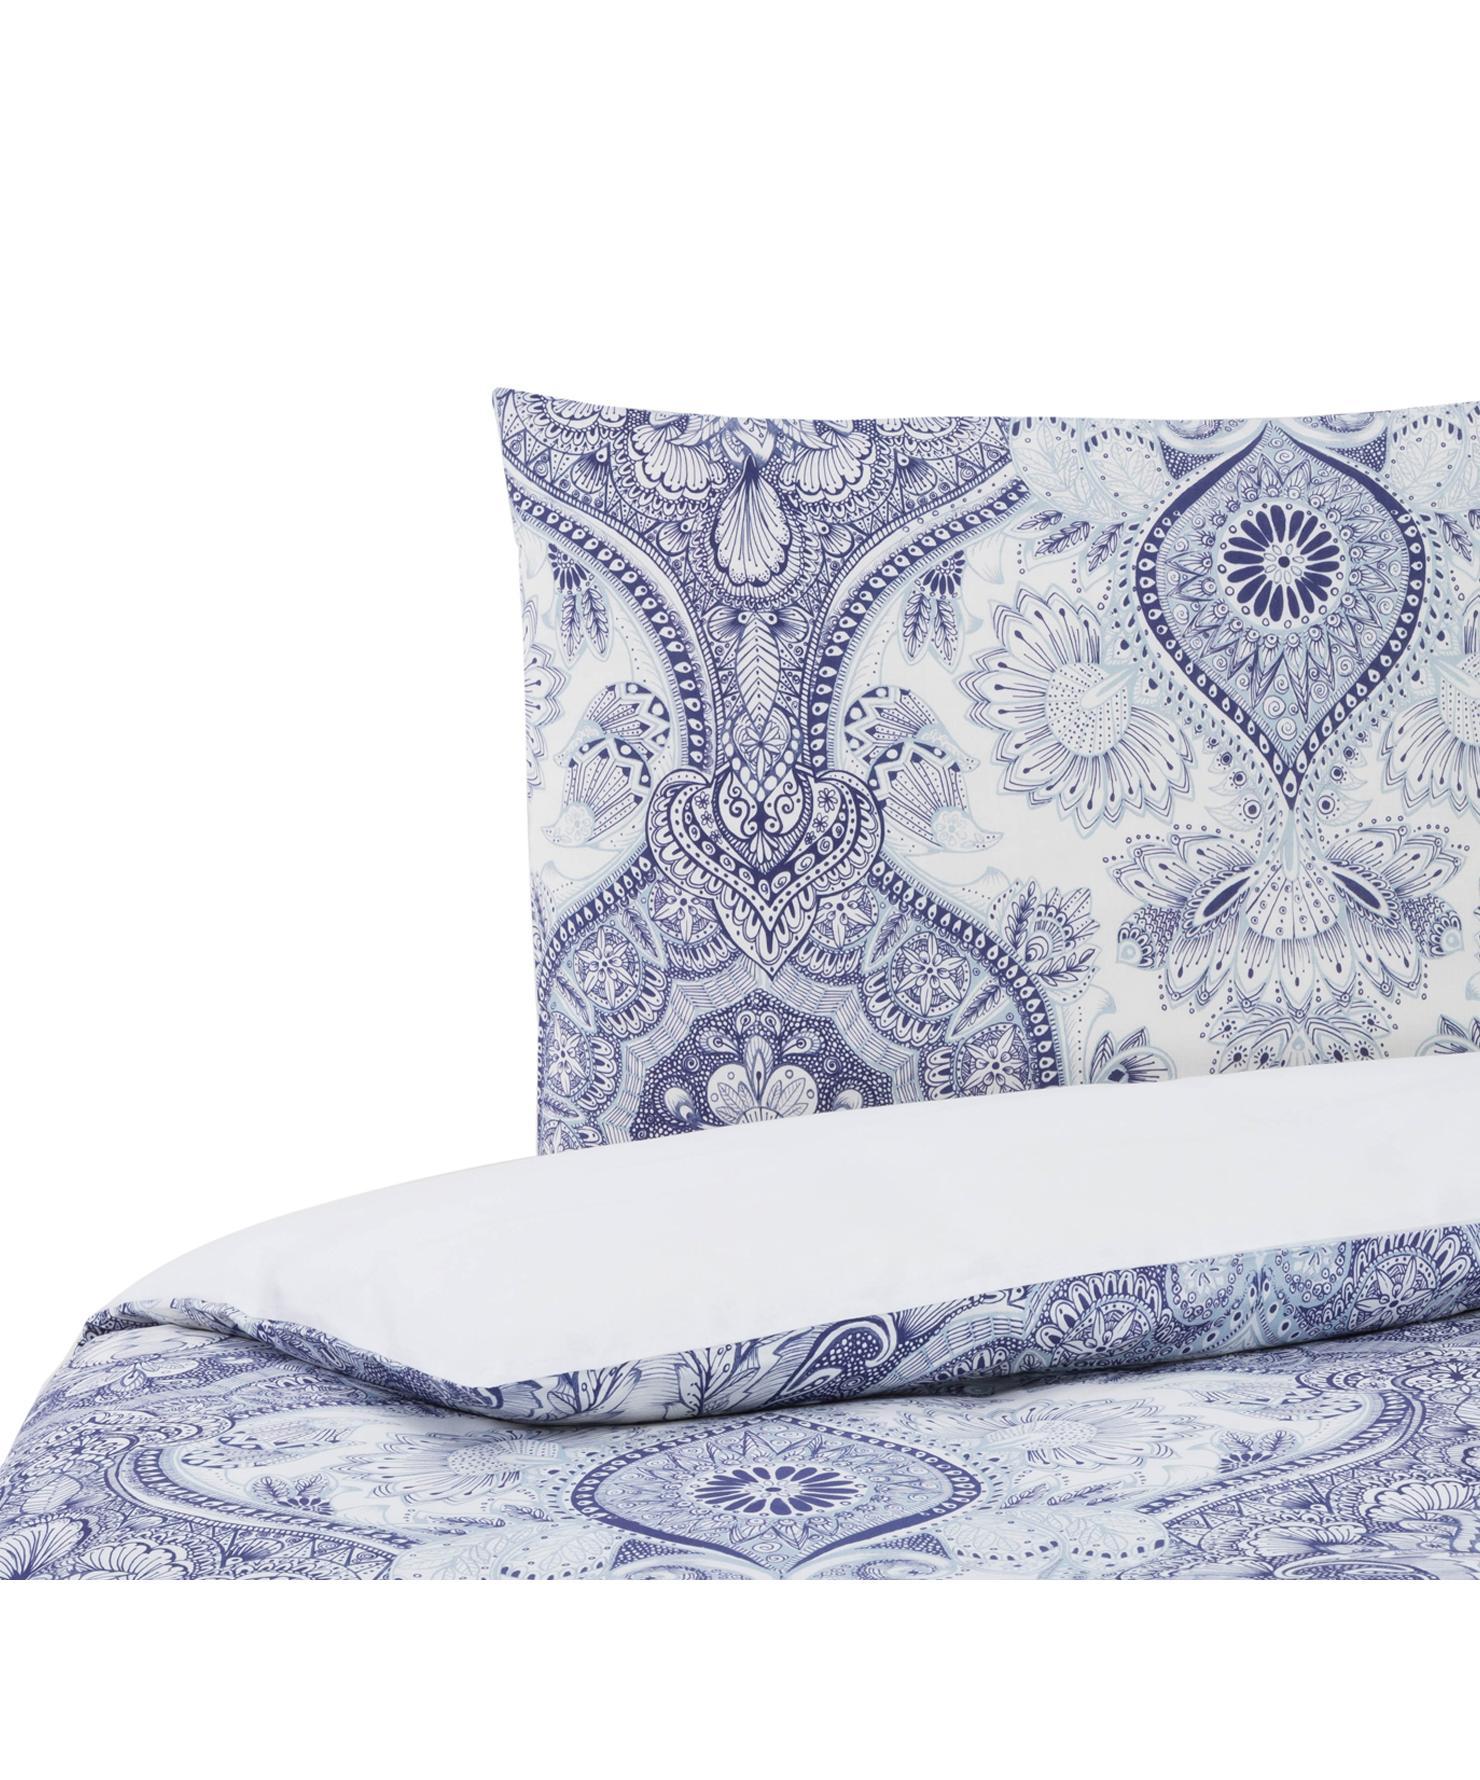 Dubbelzijdig dekbedovertrek Lato, Katoen, Bovenzijde: blauwtinten, wit. Onderzijde: wit, 140 x 200 cm